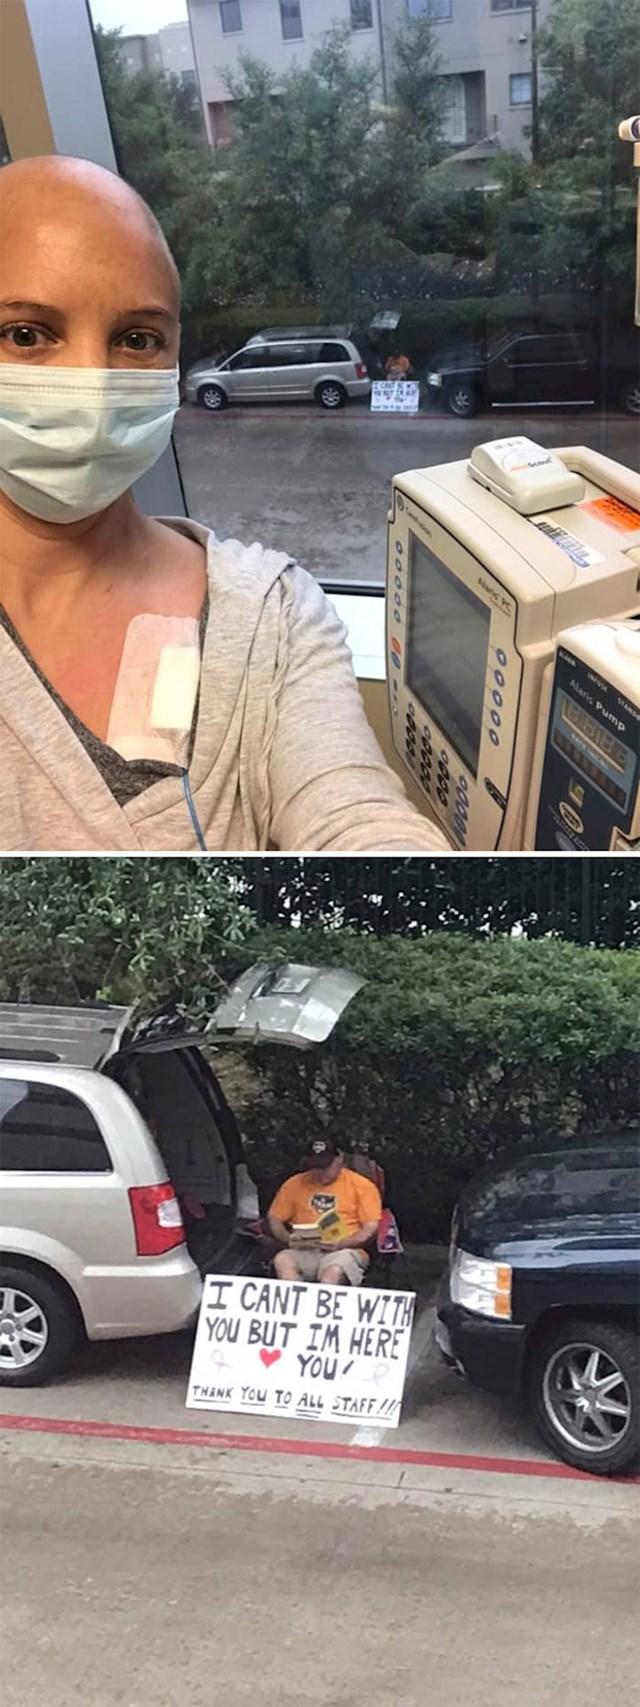 Zbog Covida19 ne može biti s njom dokprima kemoterapiju, ali je svaki dan ispred bolnice s transparentom podrške